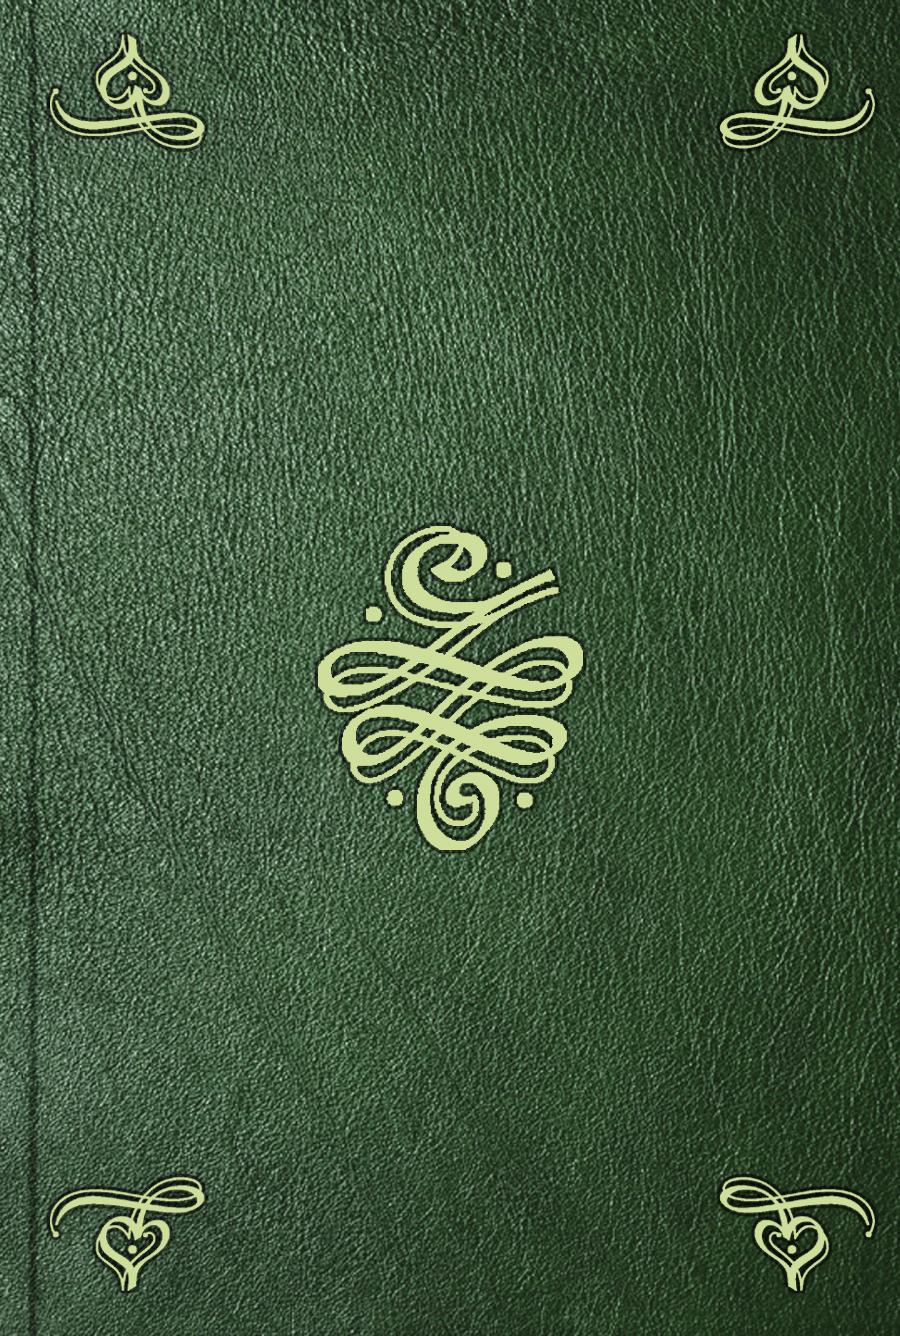 Johann Jakob Engel J. J. Engel's Schriften. Bd. 9. Philosophische Schriften. T. 1 системный блок asus k31am j ru004t